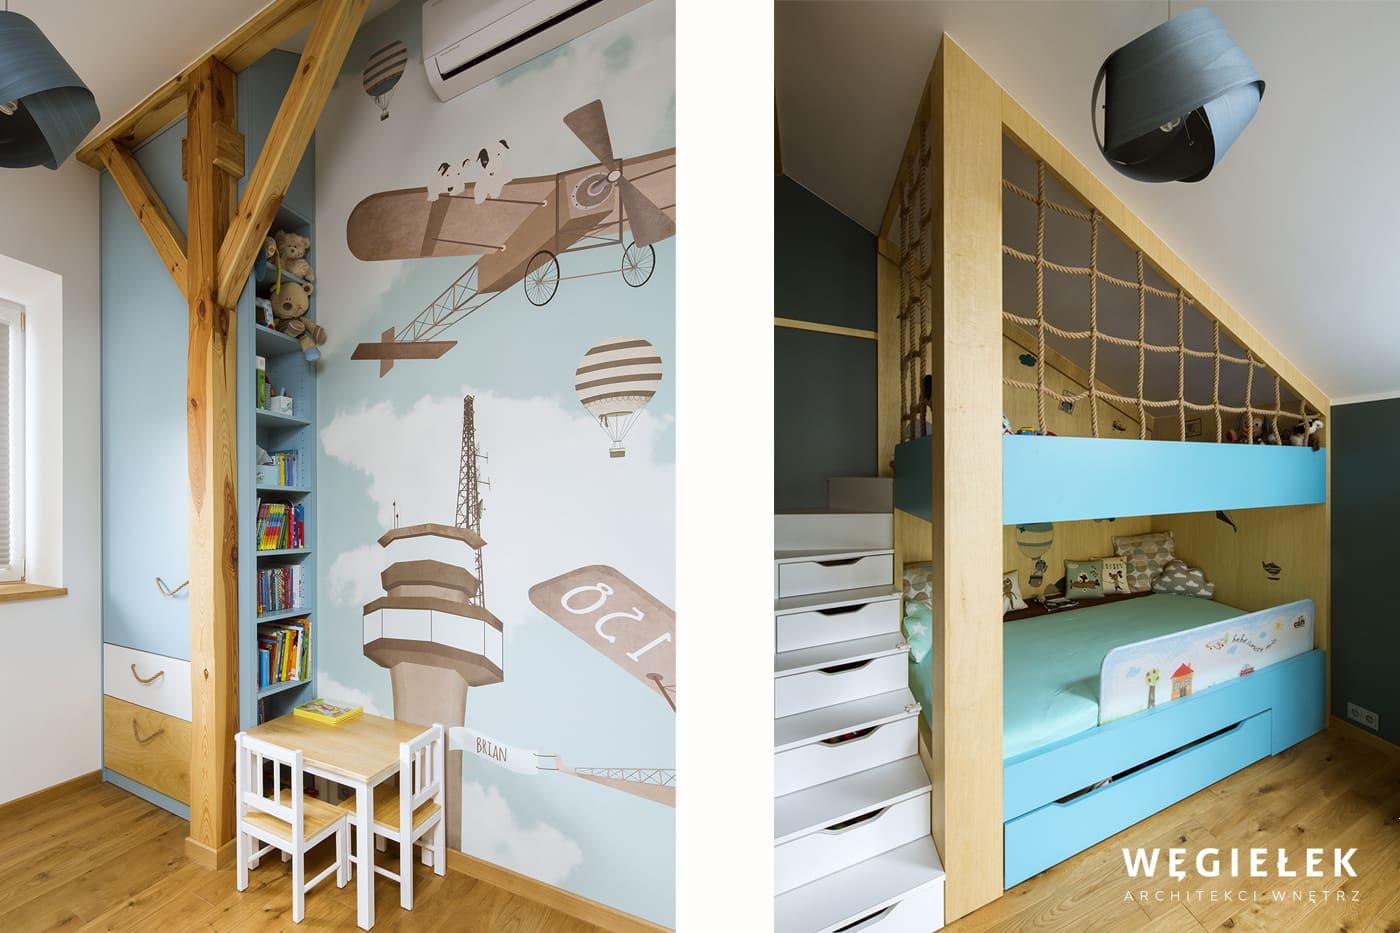 Ten uroczy pokoik ma wydzielone różne strefy, wypoczynku, pracy i zabawy. To niezwykła realizacja projektu architektów wnętrz z Warszawy w małym mieszkaniu.